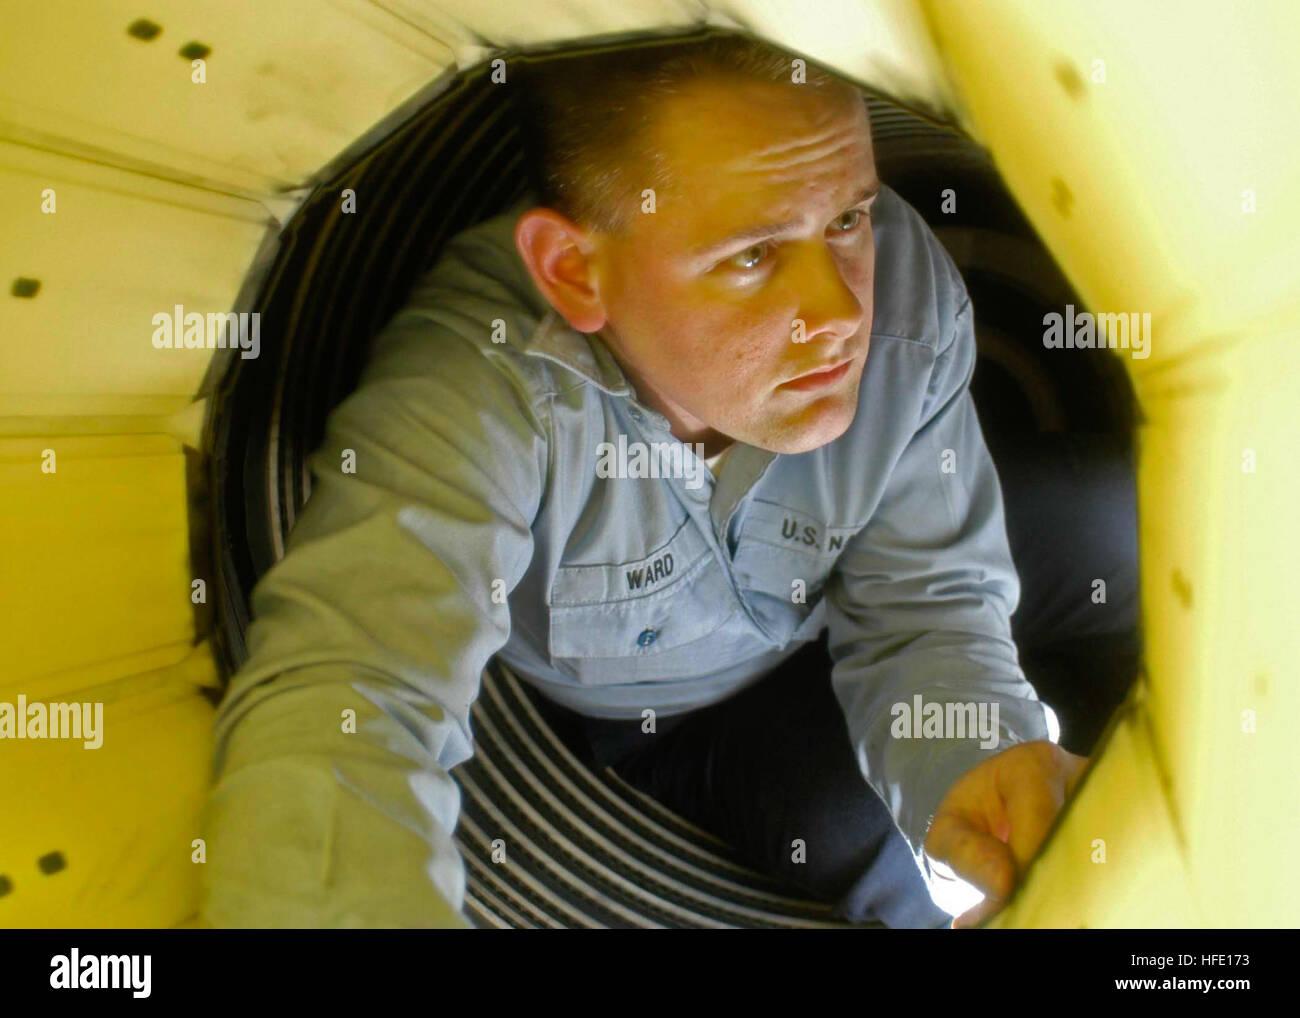 040623-N-4166B-001 Oceano Pacifico (23 giugno 2004) - Aviazione macchinista Mate Airman Paul Ward, da Orlando, Florida, Immagini Stock